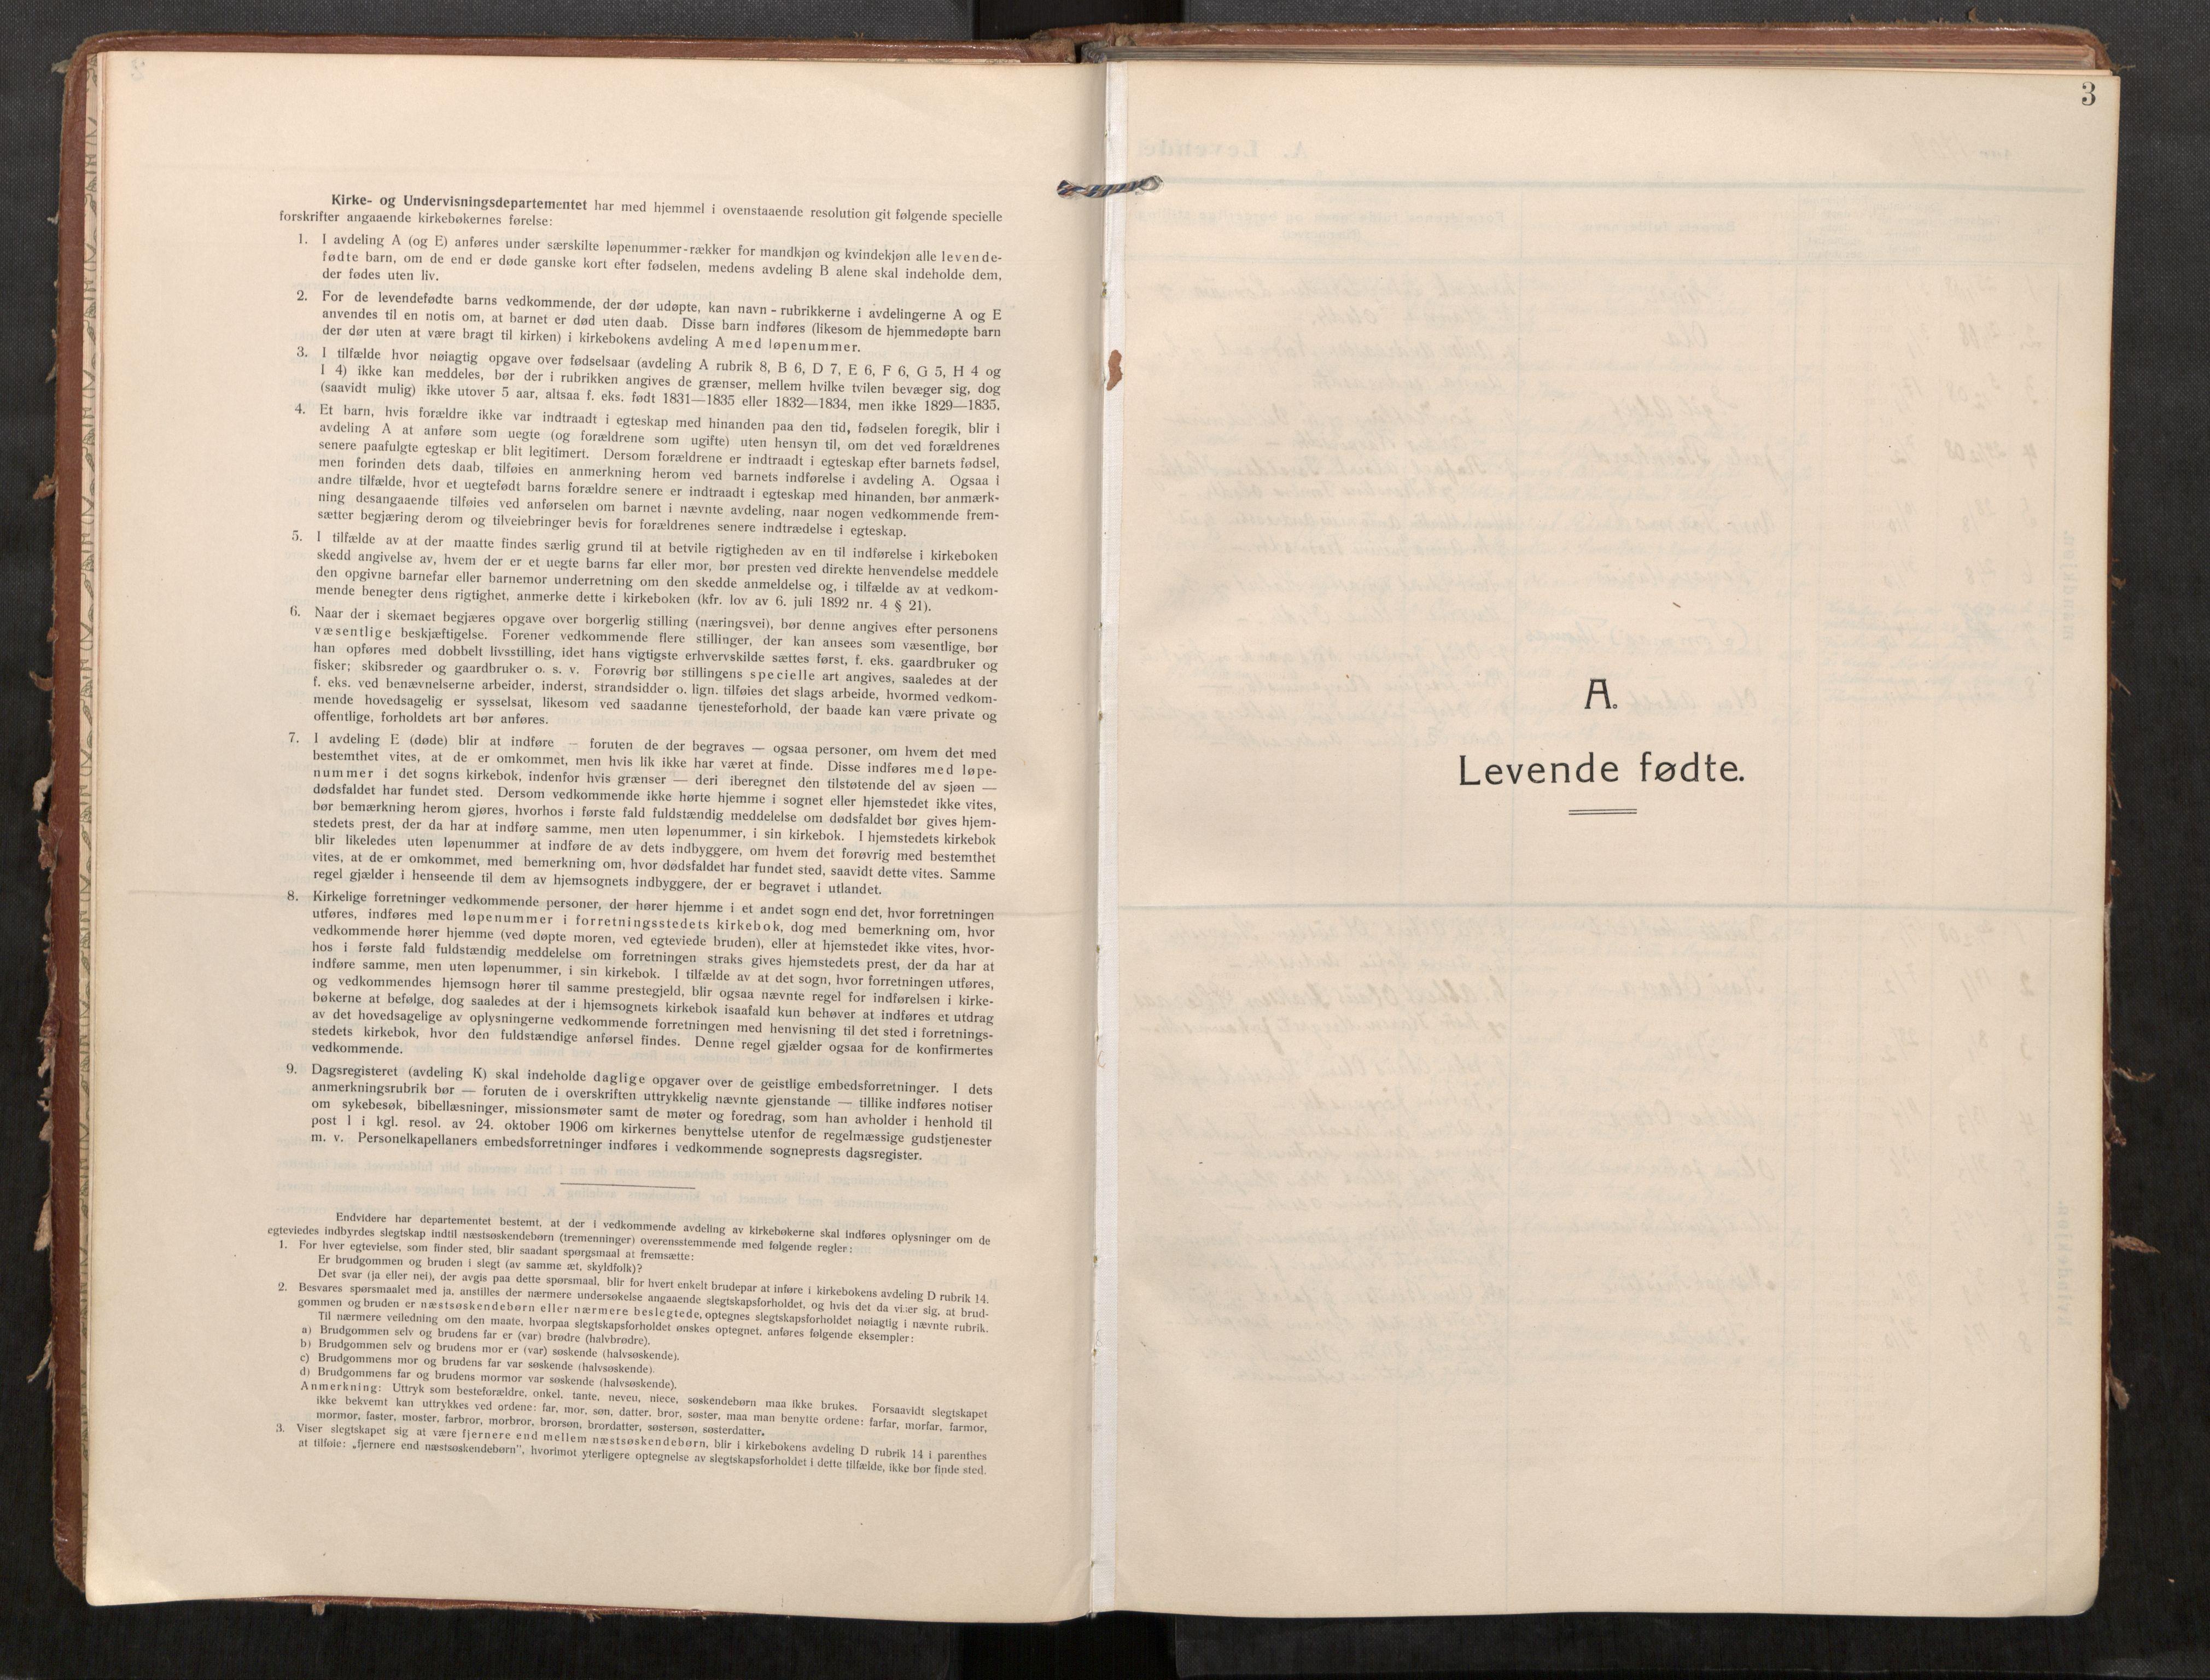 SAT, Stod sokneprestkontor, I/I1/I1a/L0002: Ministerialbok nr. 2, 1909-1922, s. 3